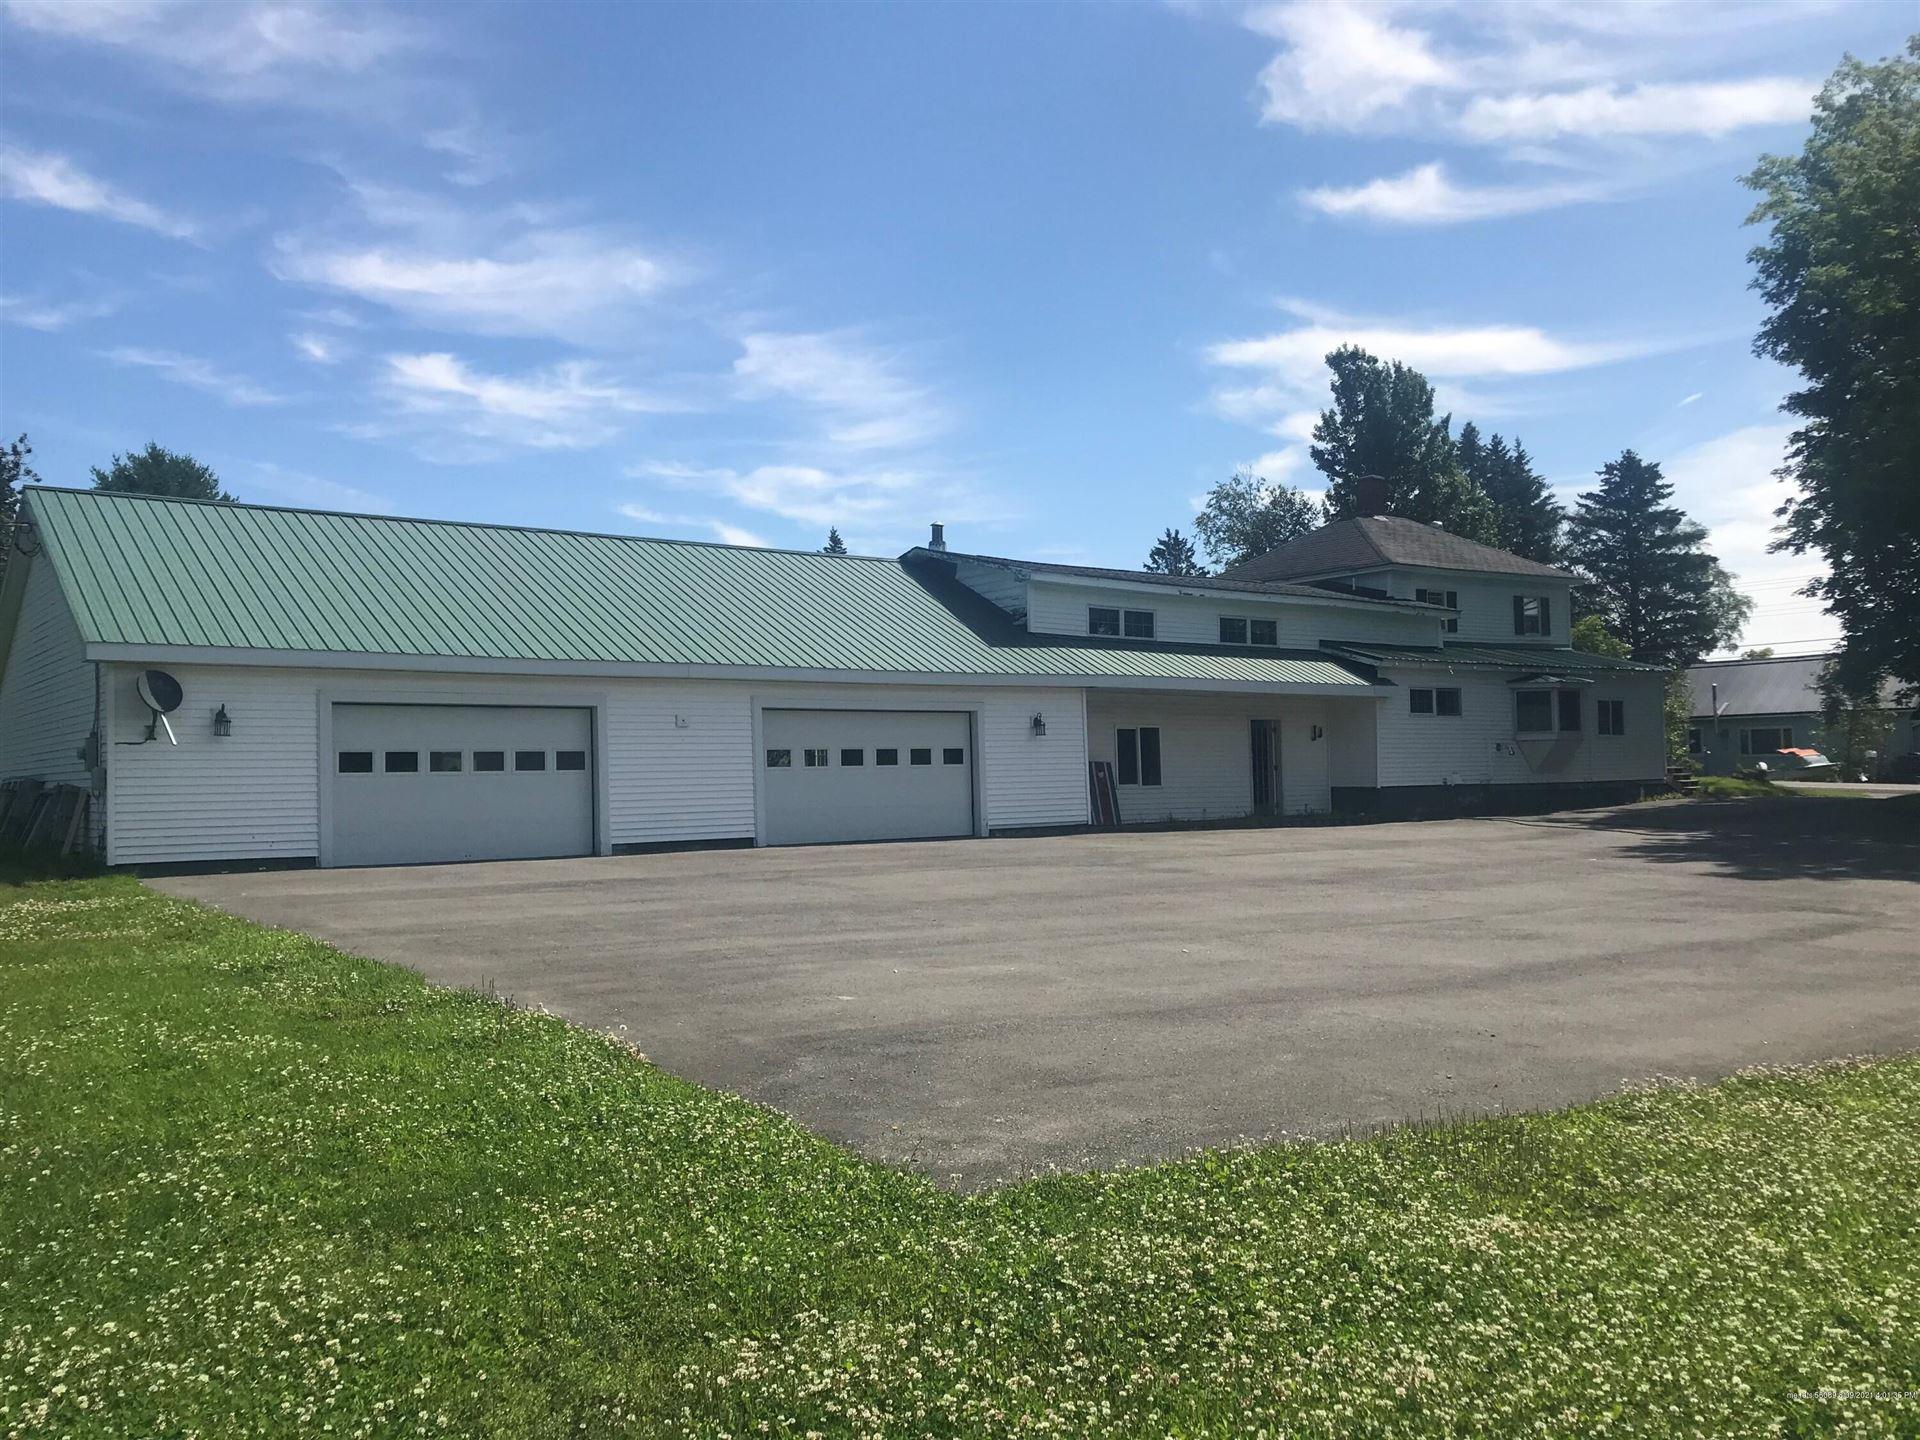 Photo of 932 Van Buren Road, Caswell, ME 04750 (MLS # 1501839)